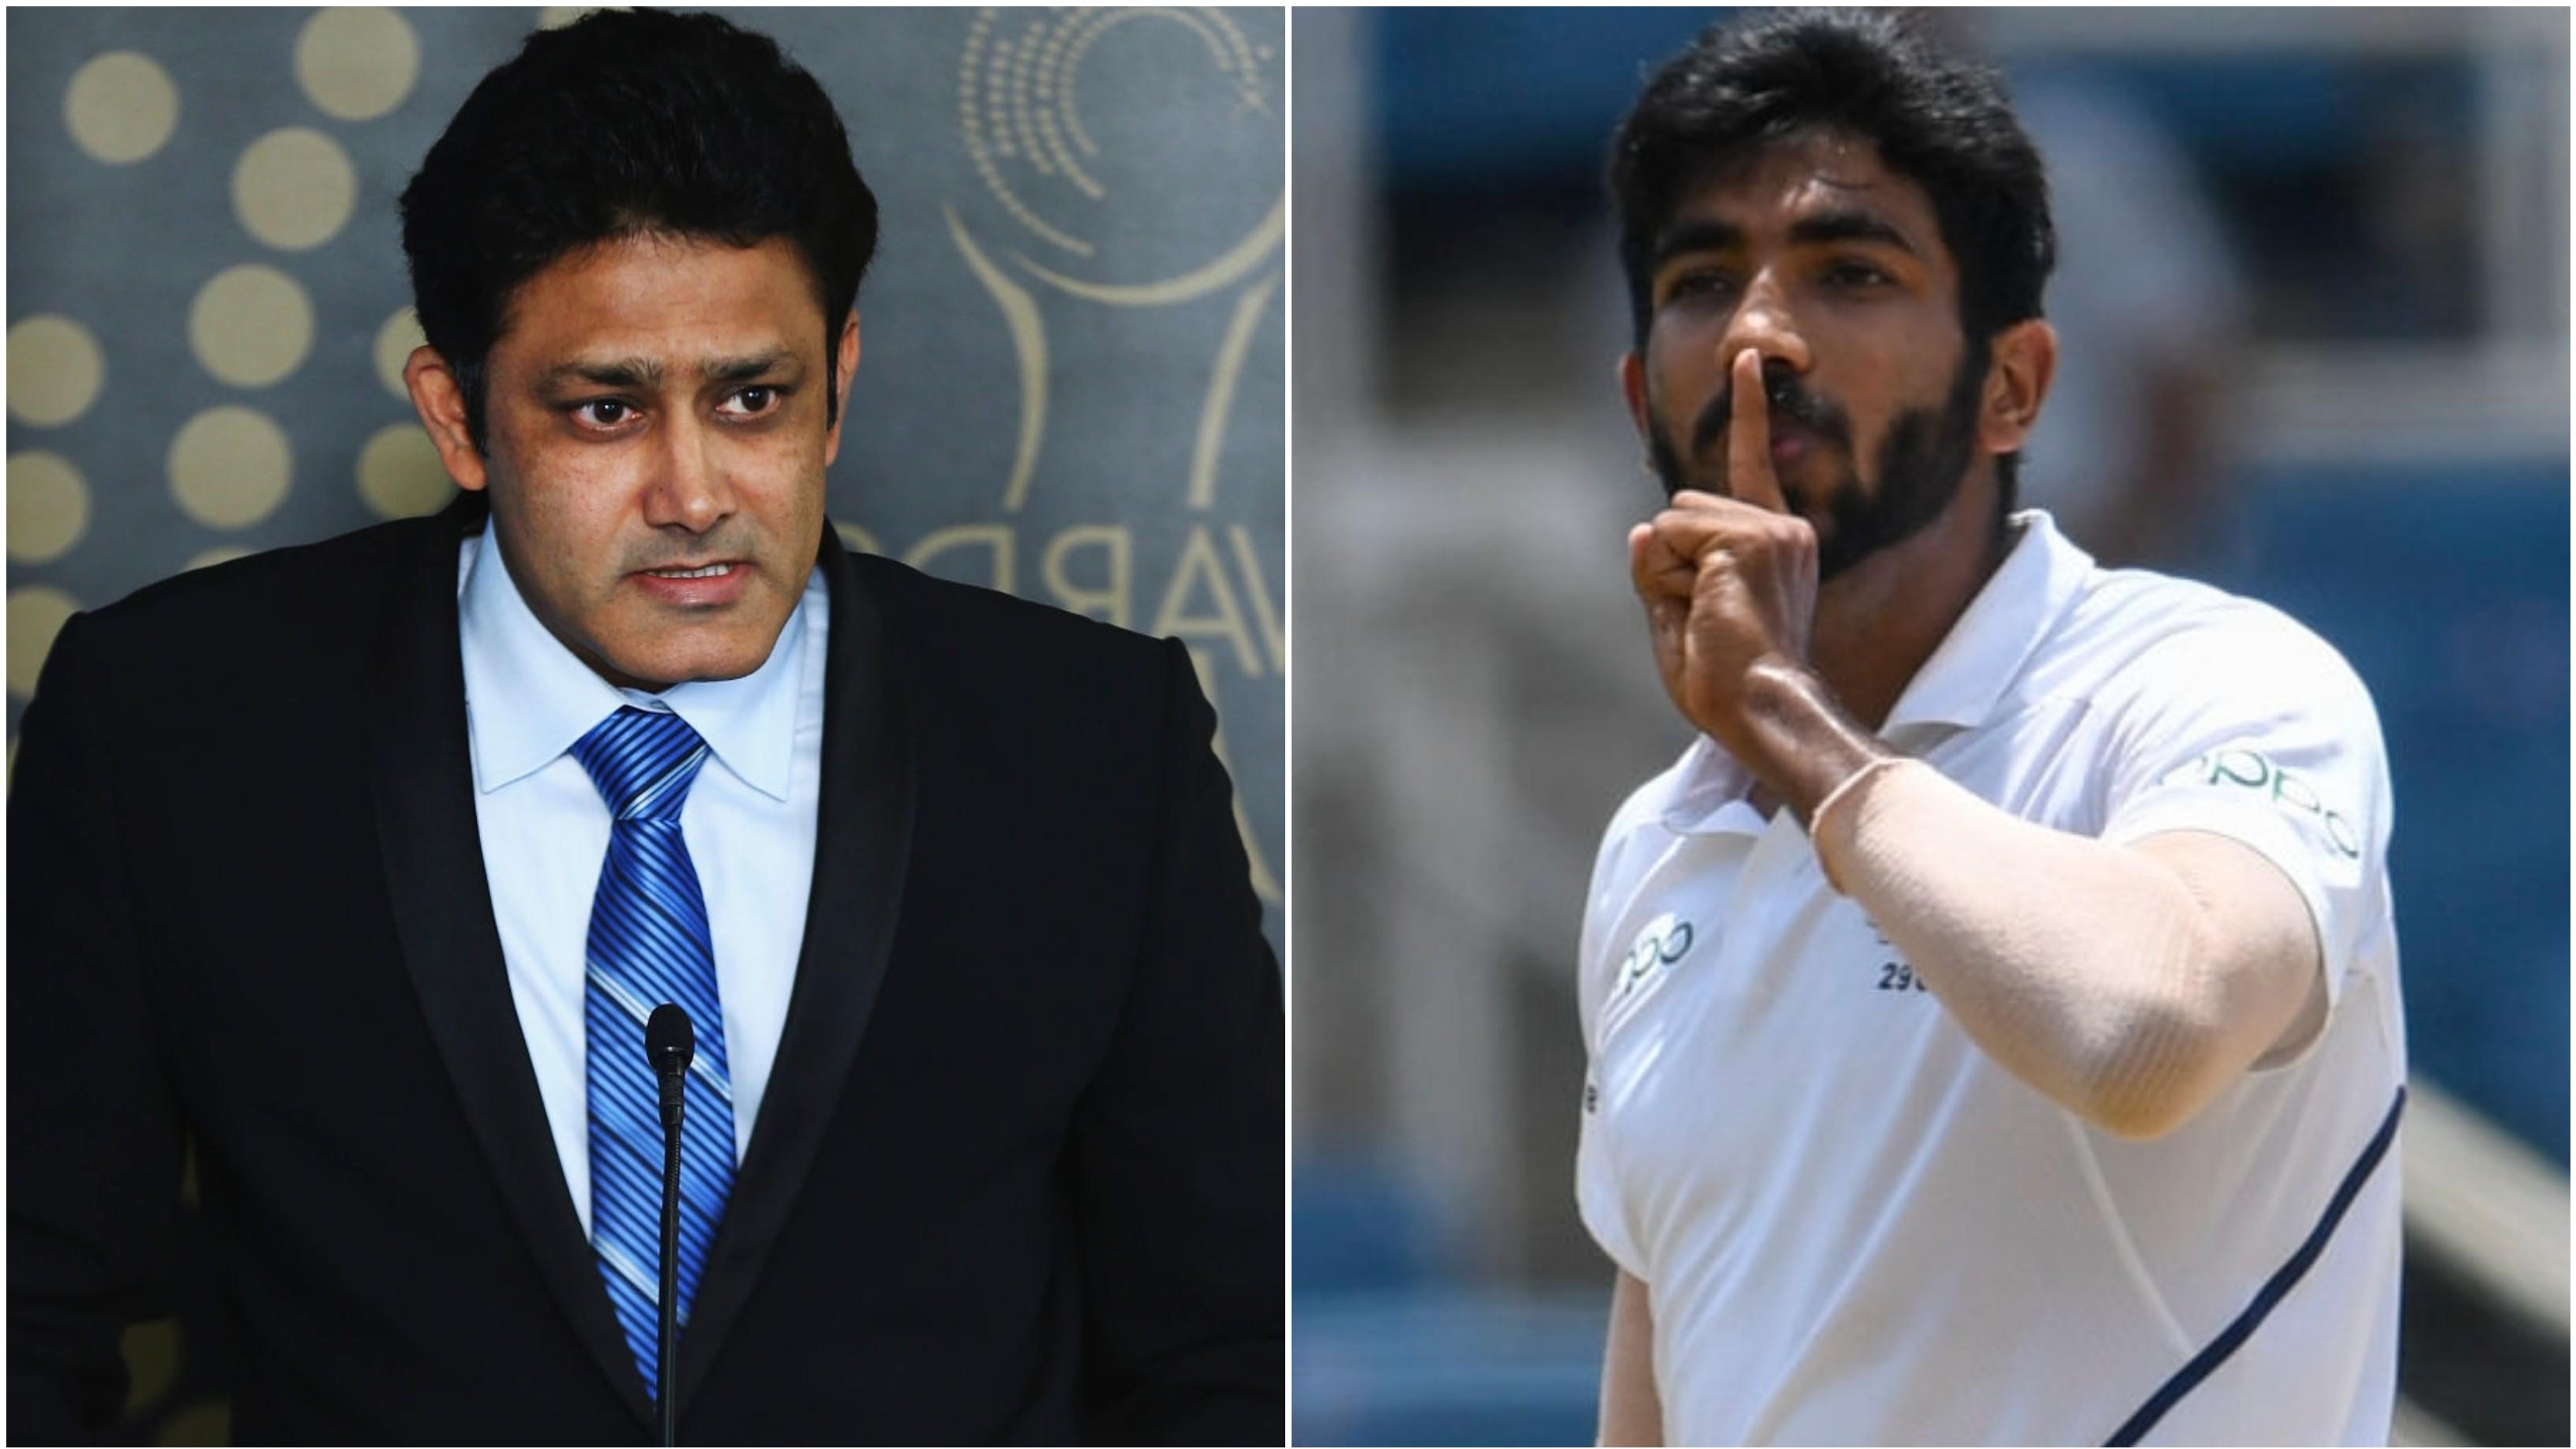 जसप्रीत बुमराह के पास भारत का सबसे महान तेज गेंदबाज बनने की क्षमता है: अनिल कुंबले